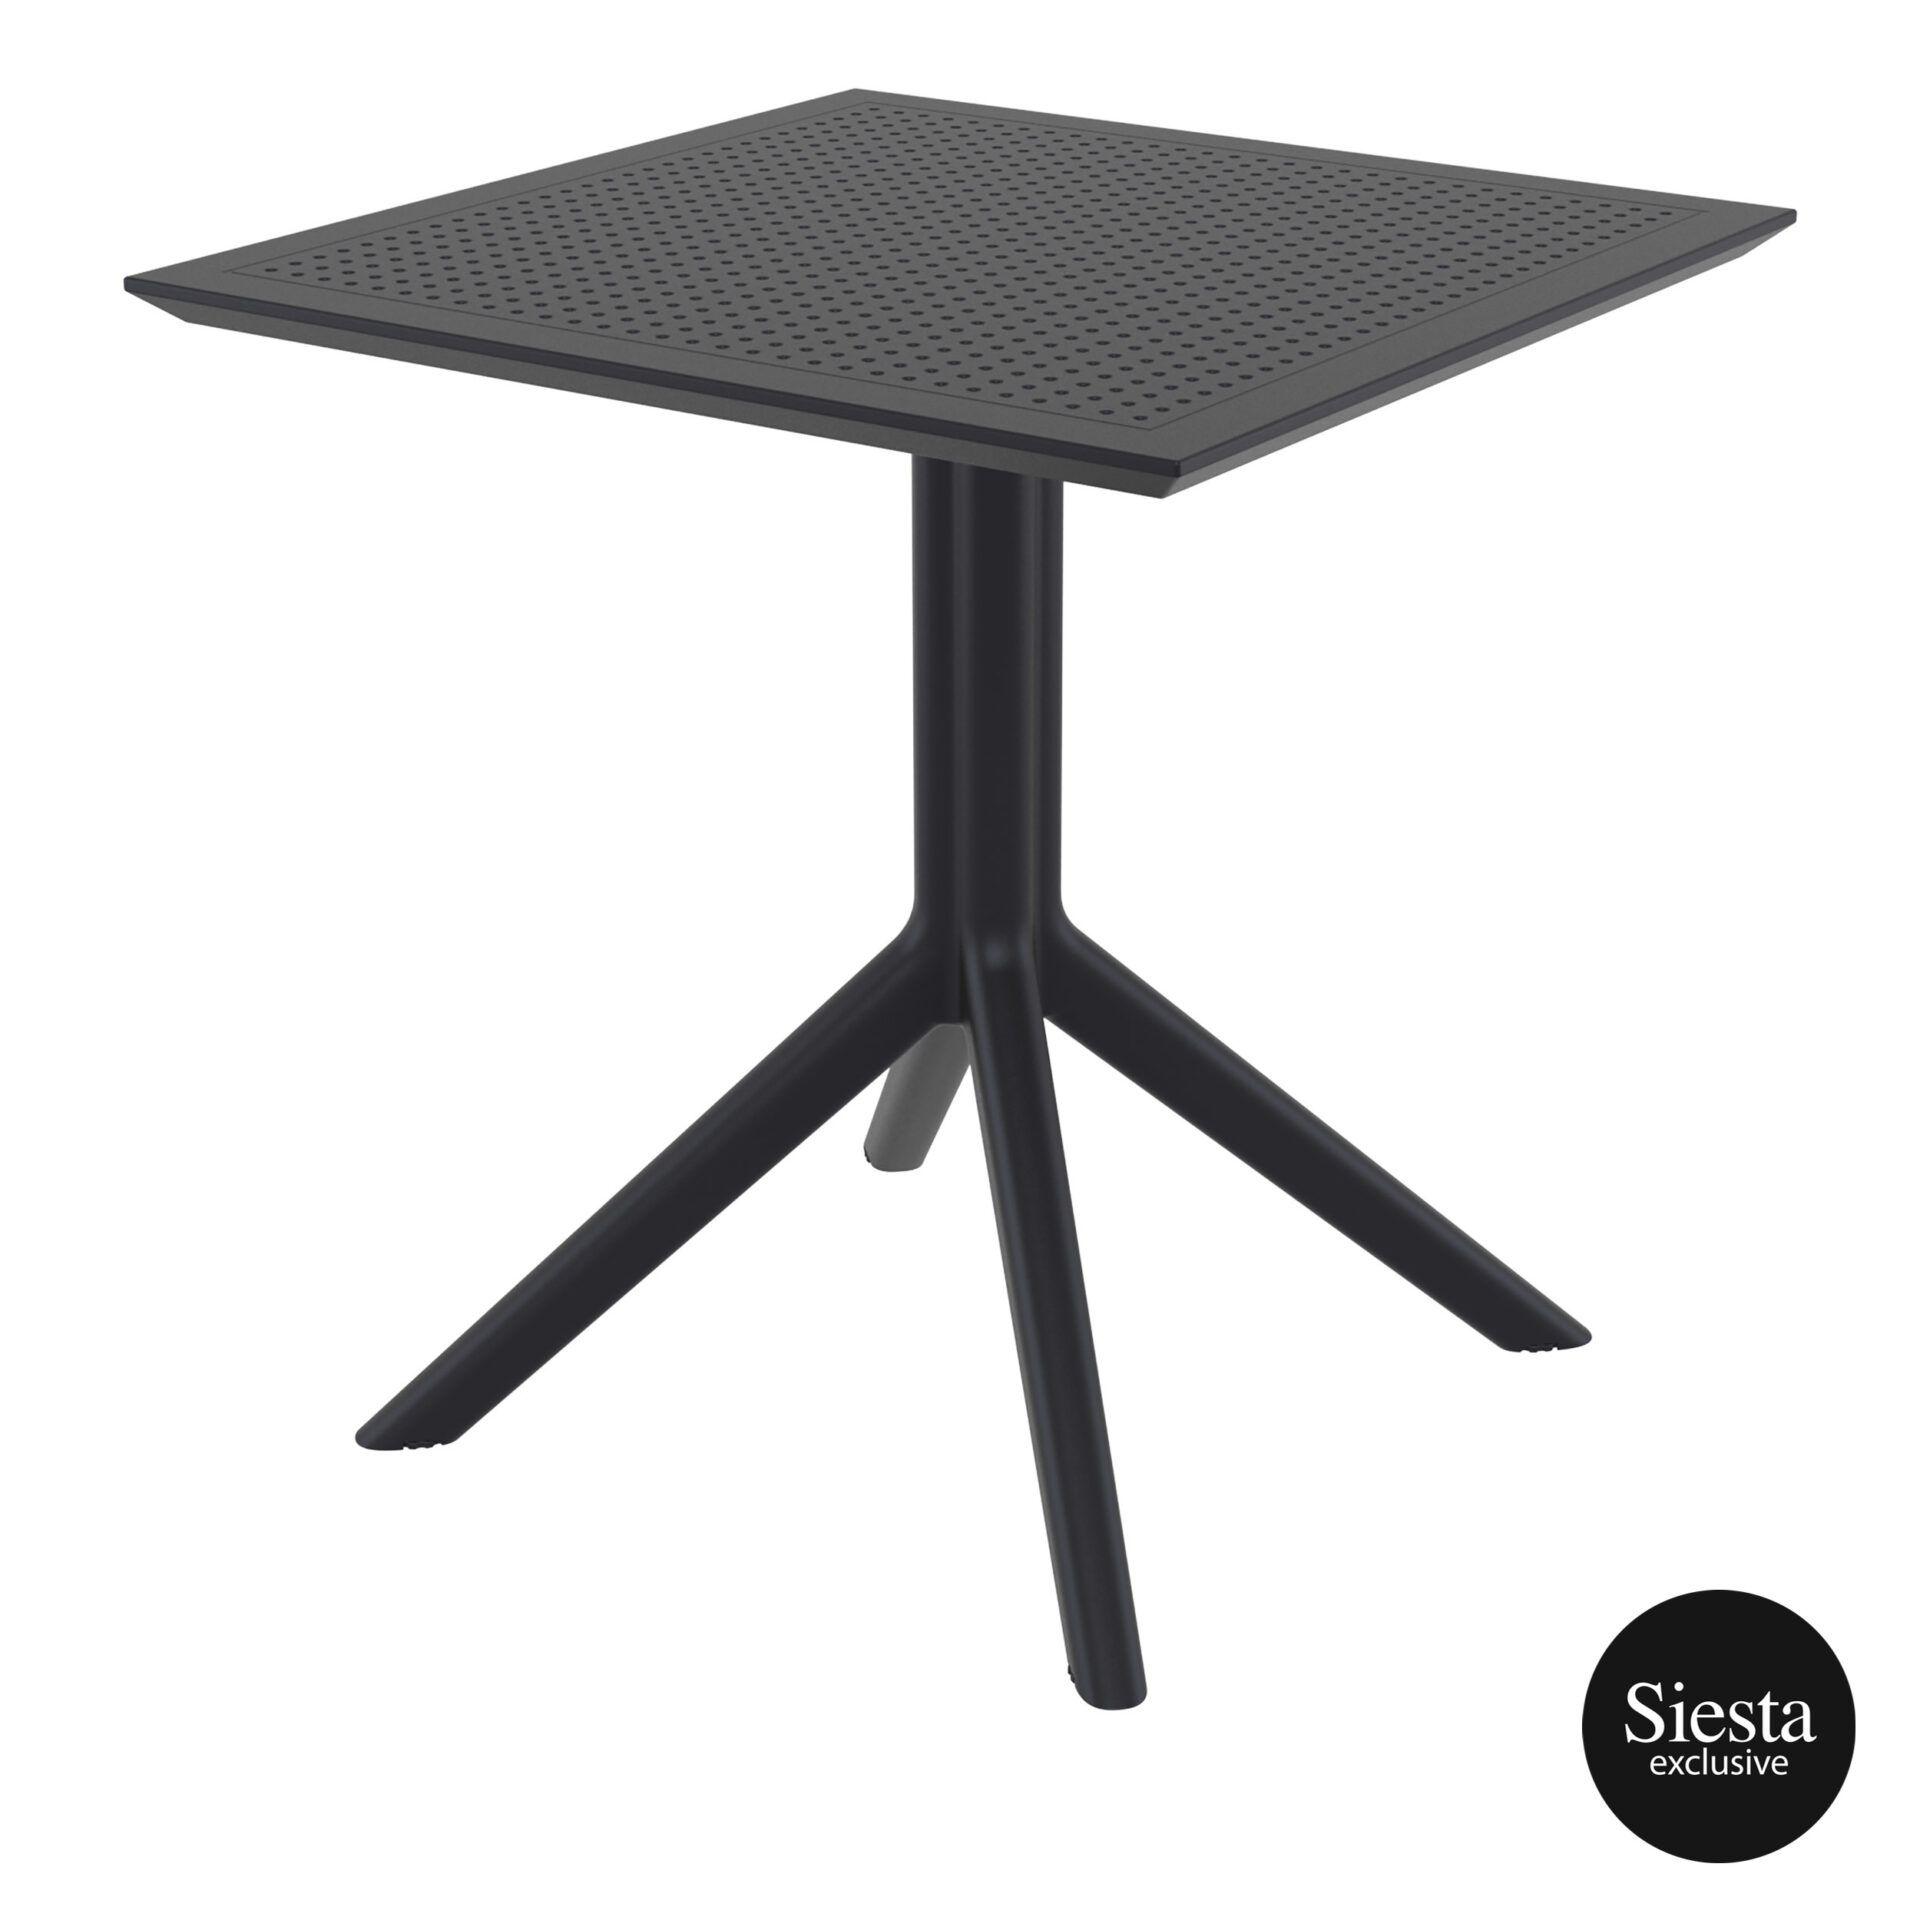 polypropylene outdoor cafe sky table 70 black front side 1